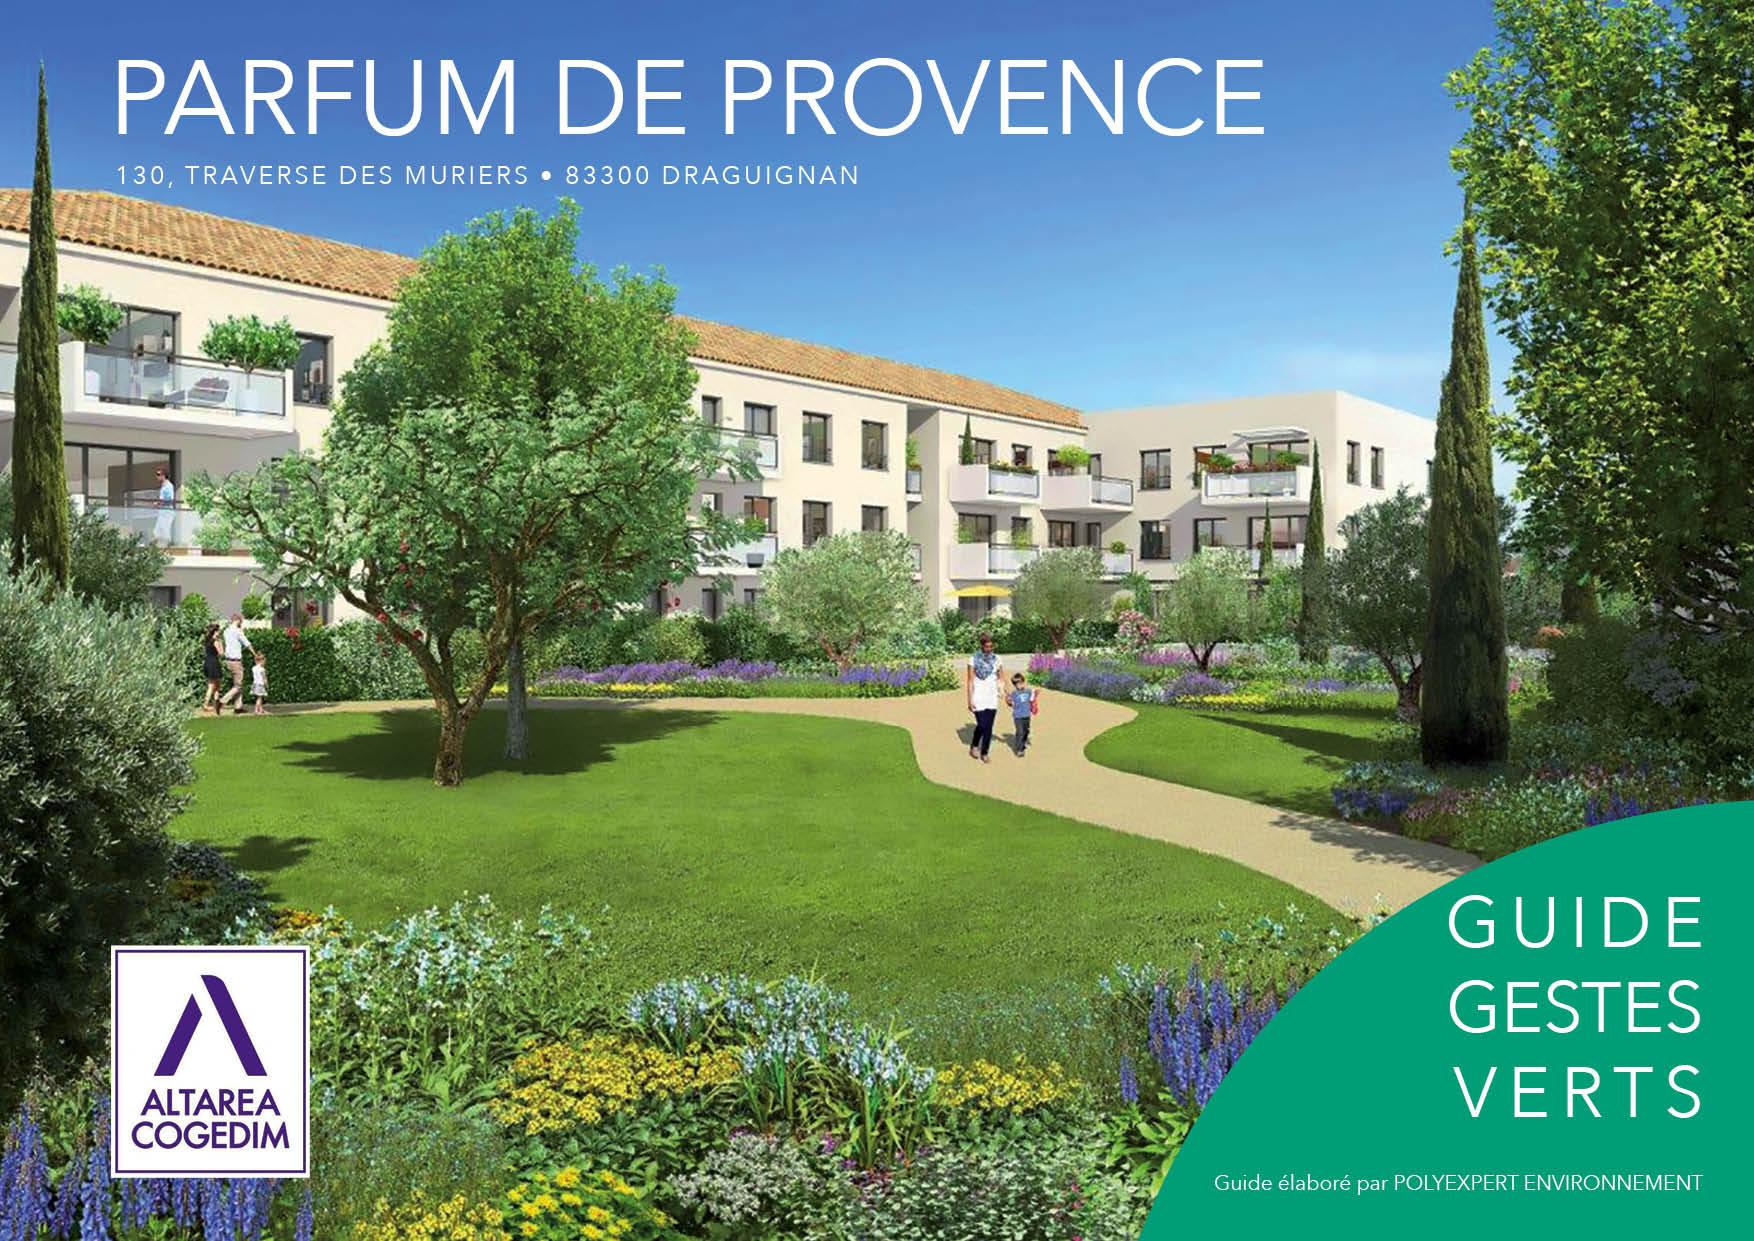 Guide Gestes Verts Parfum de Provence